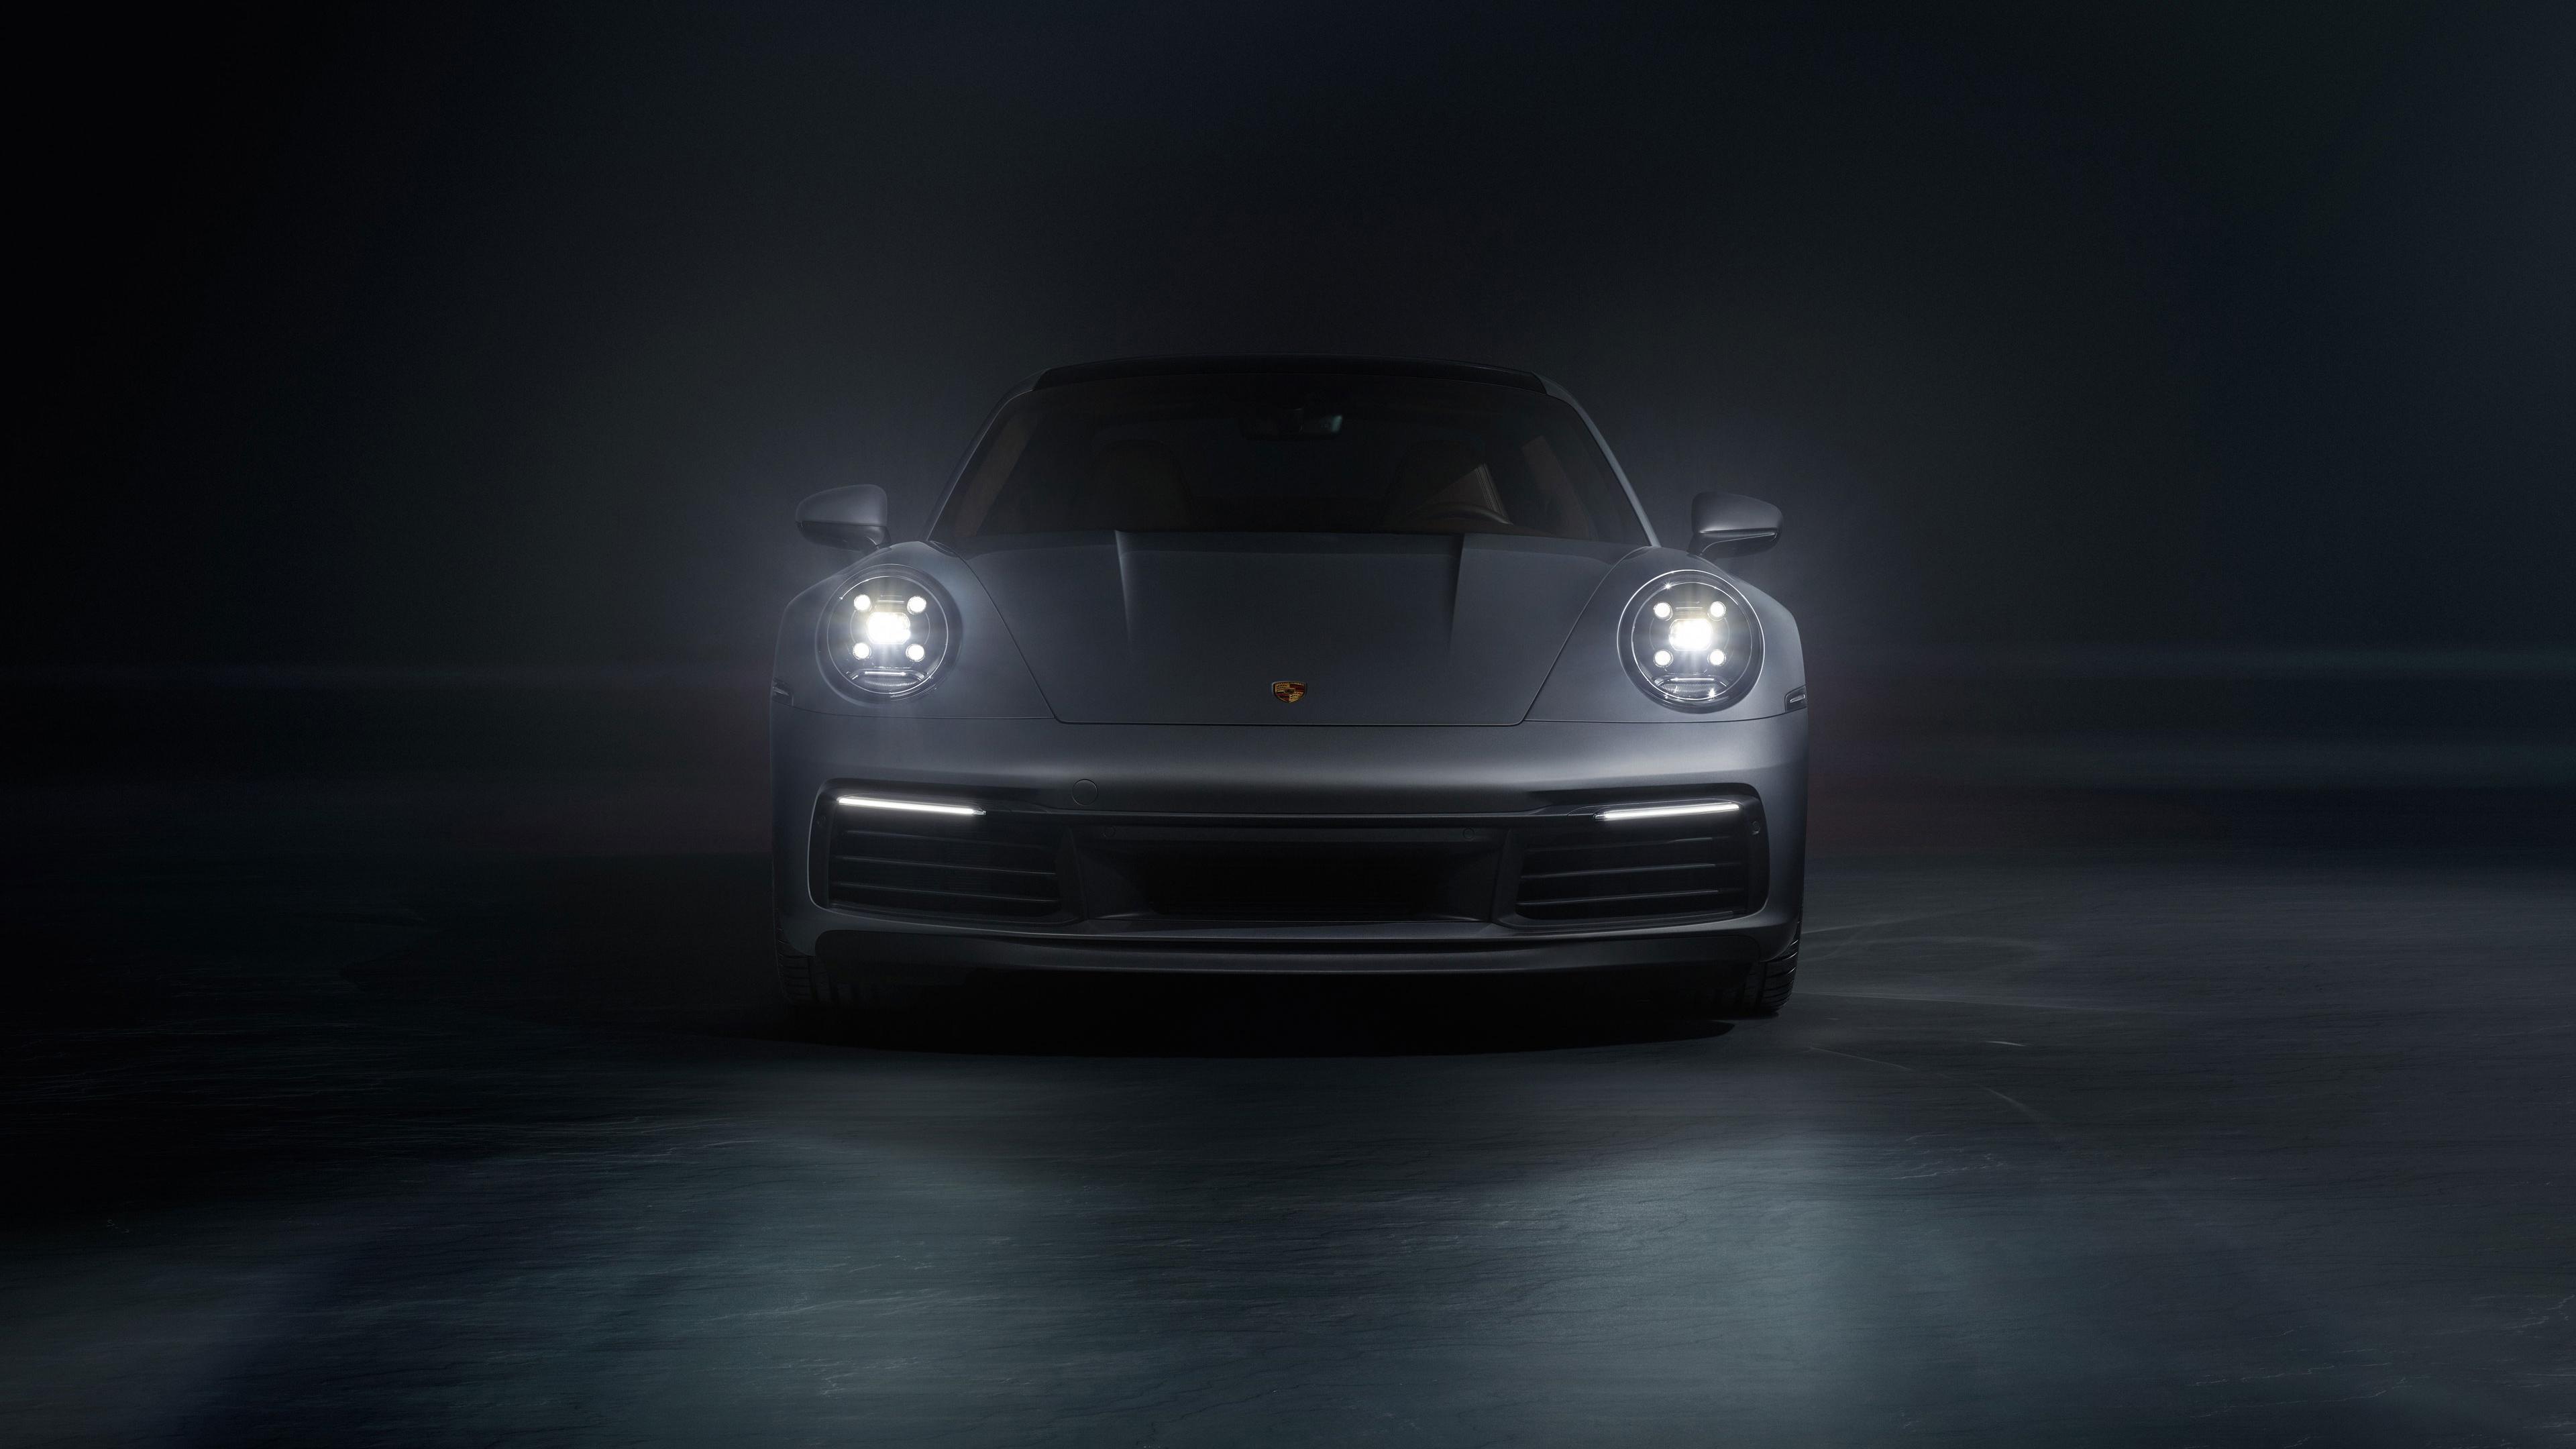 Porsche 911 Carrera S 2019 4k 2 Wallpaper Hd Car